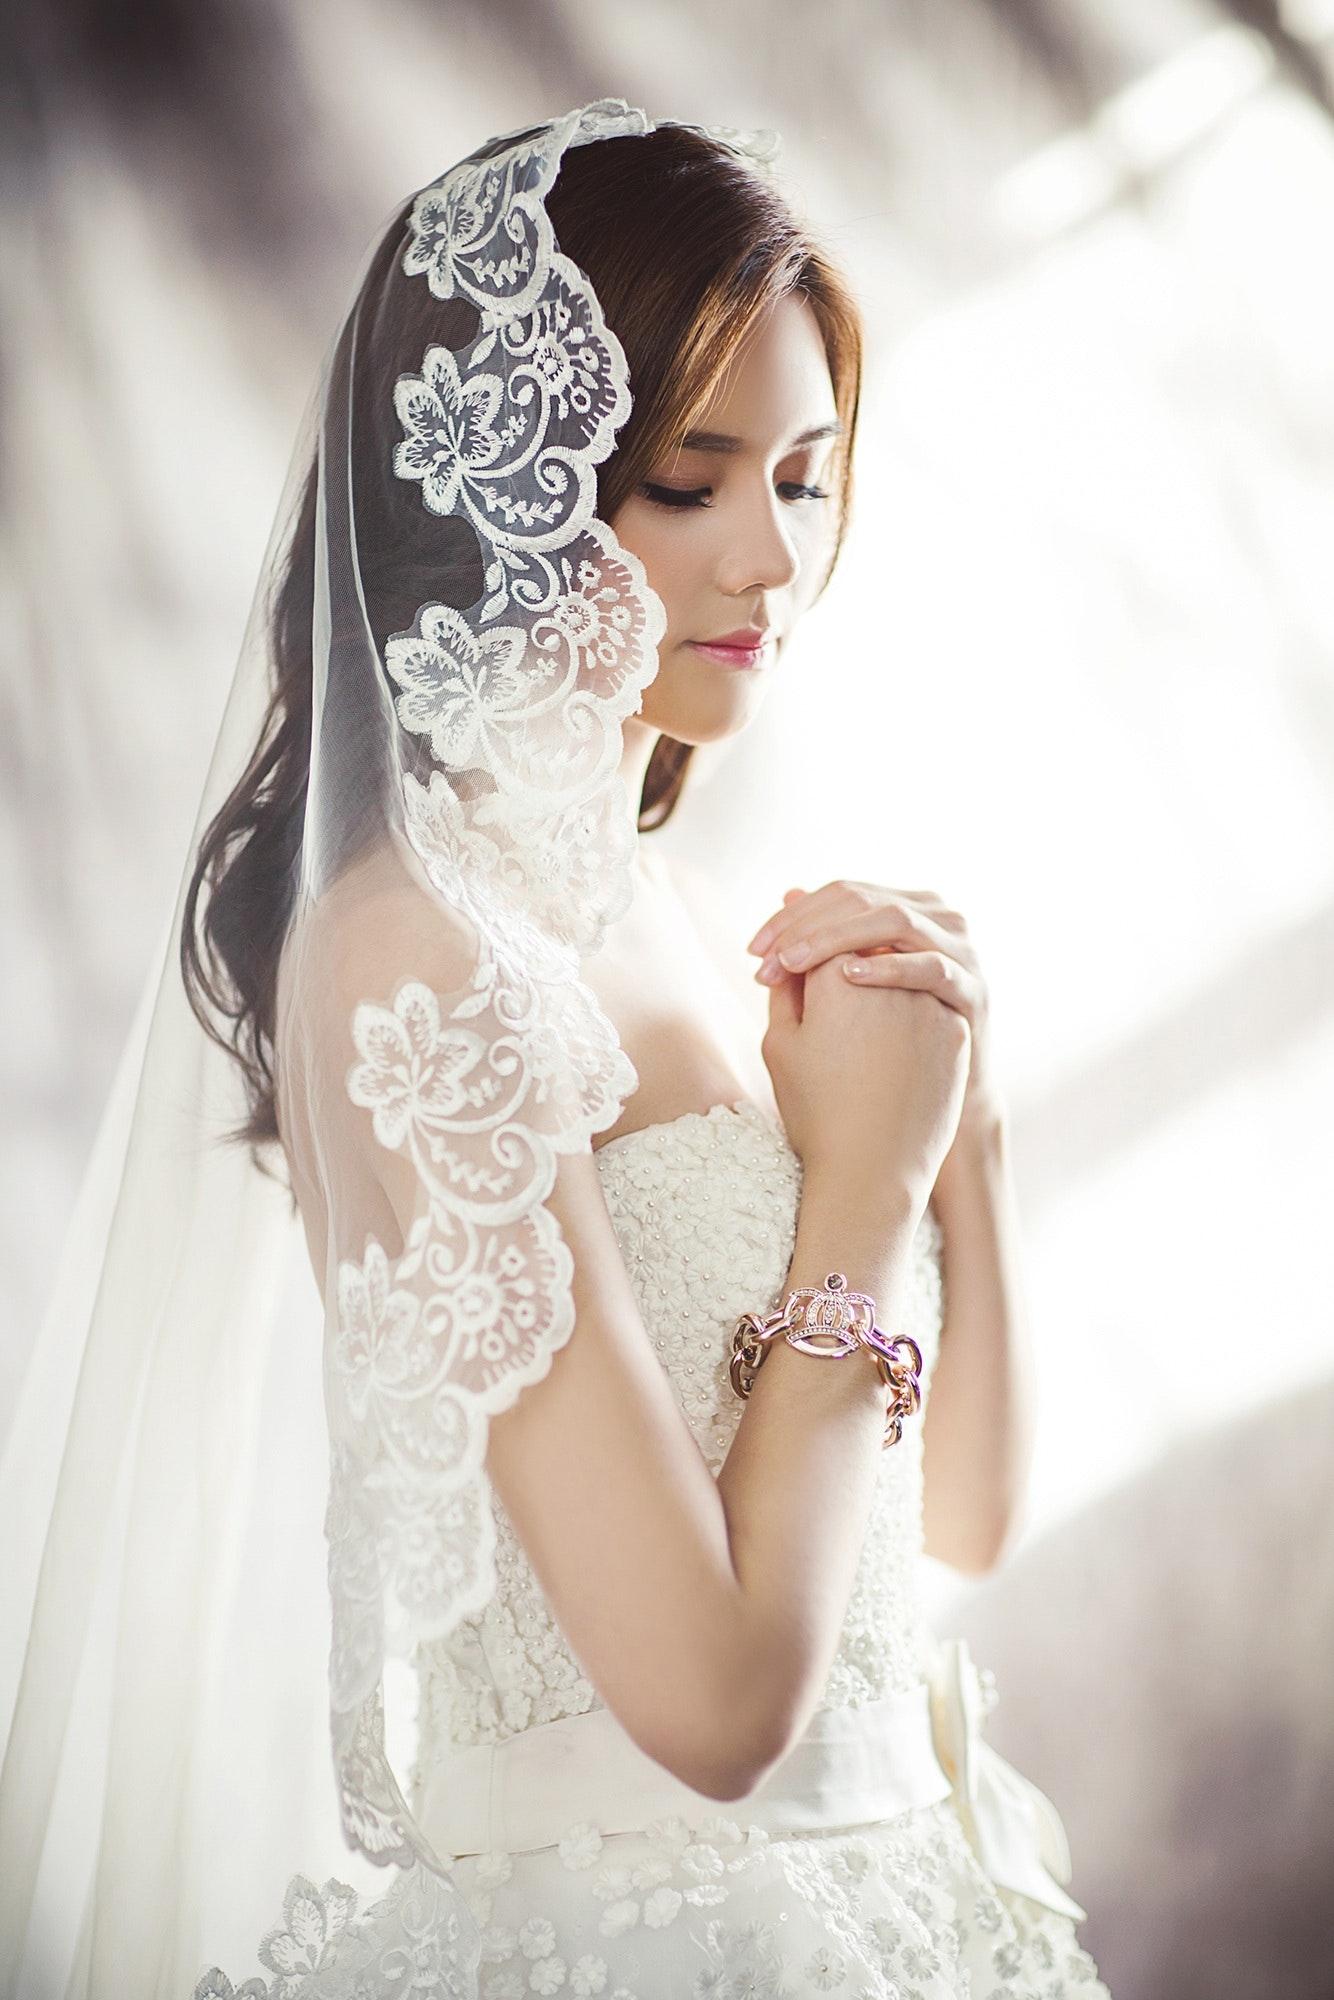 Search Bride